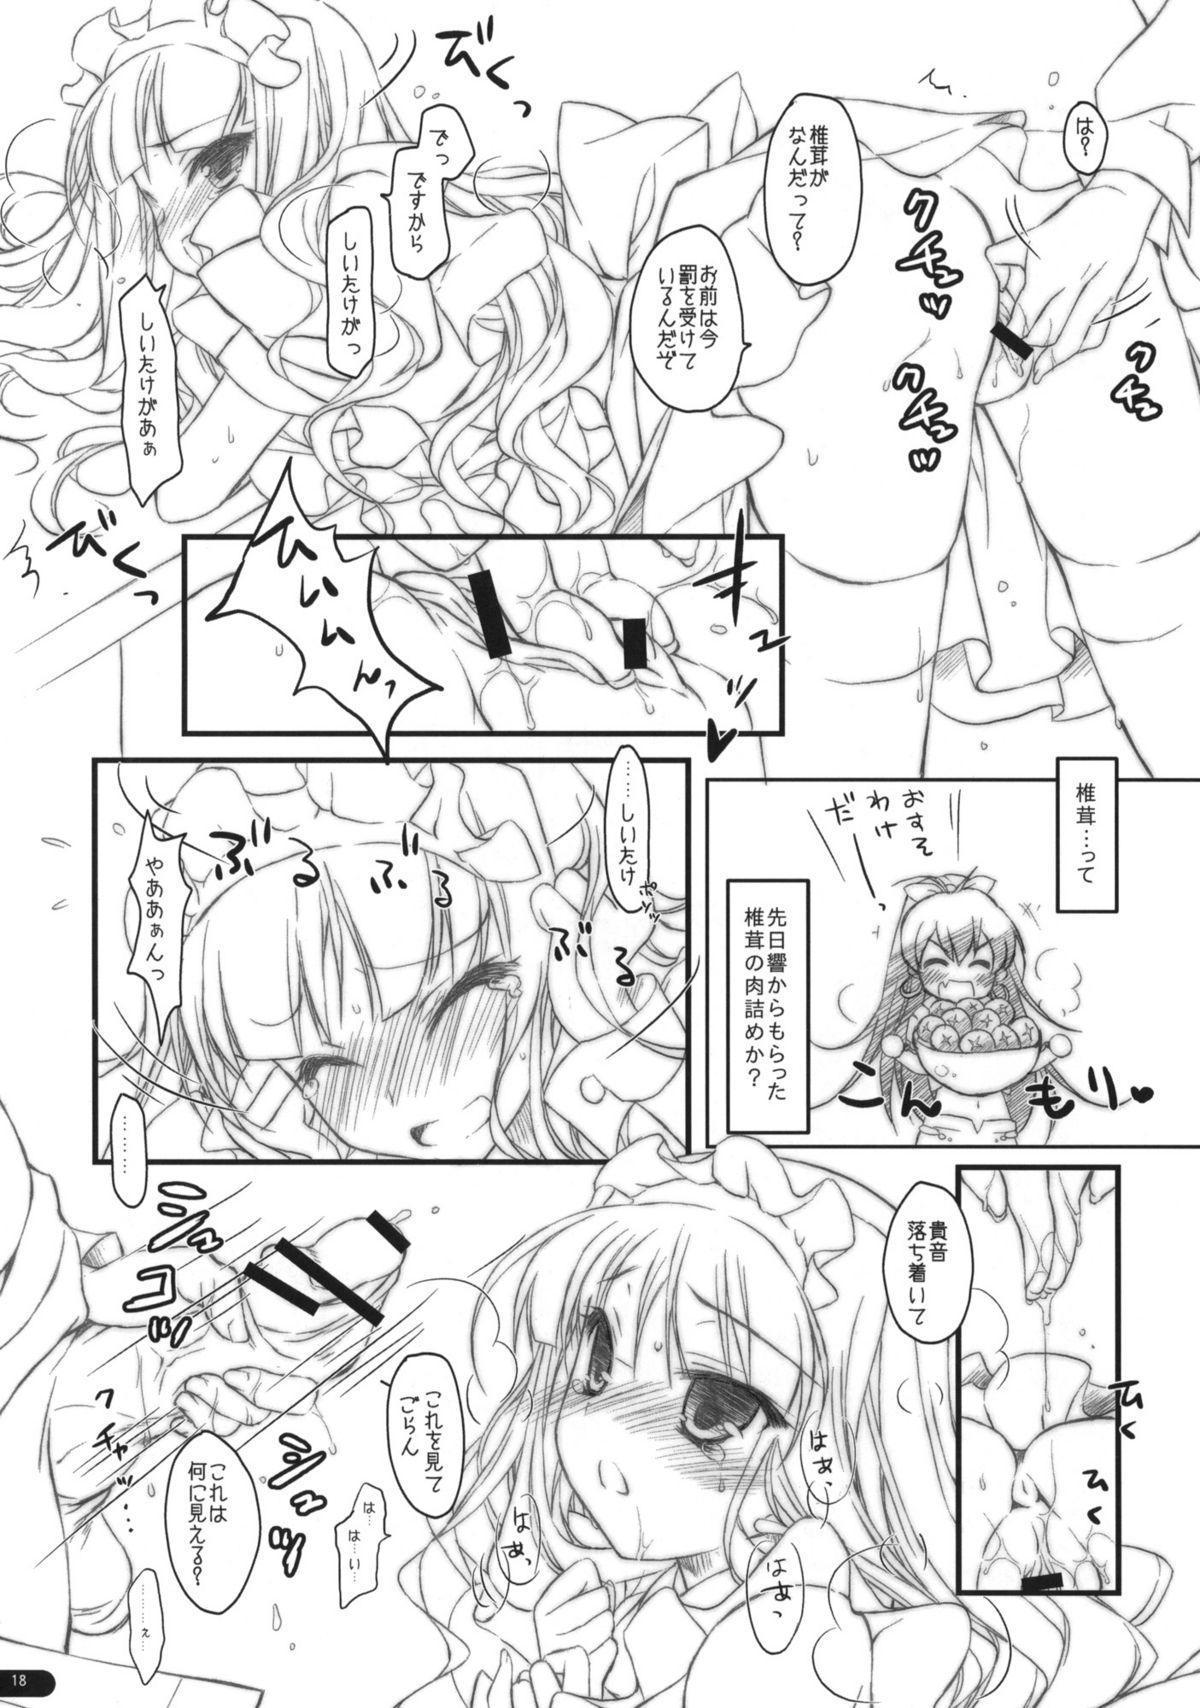 Takane to Issho ni Natsuyasumi! 17